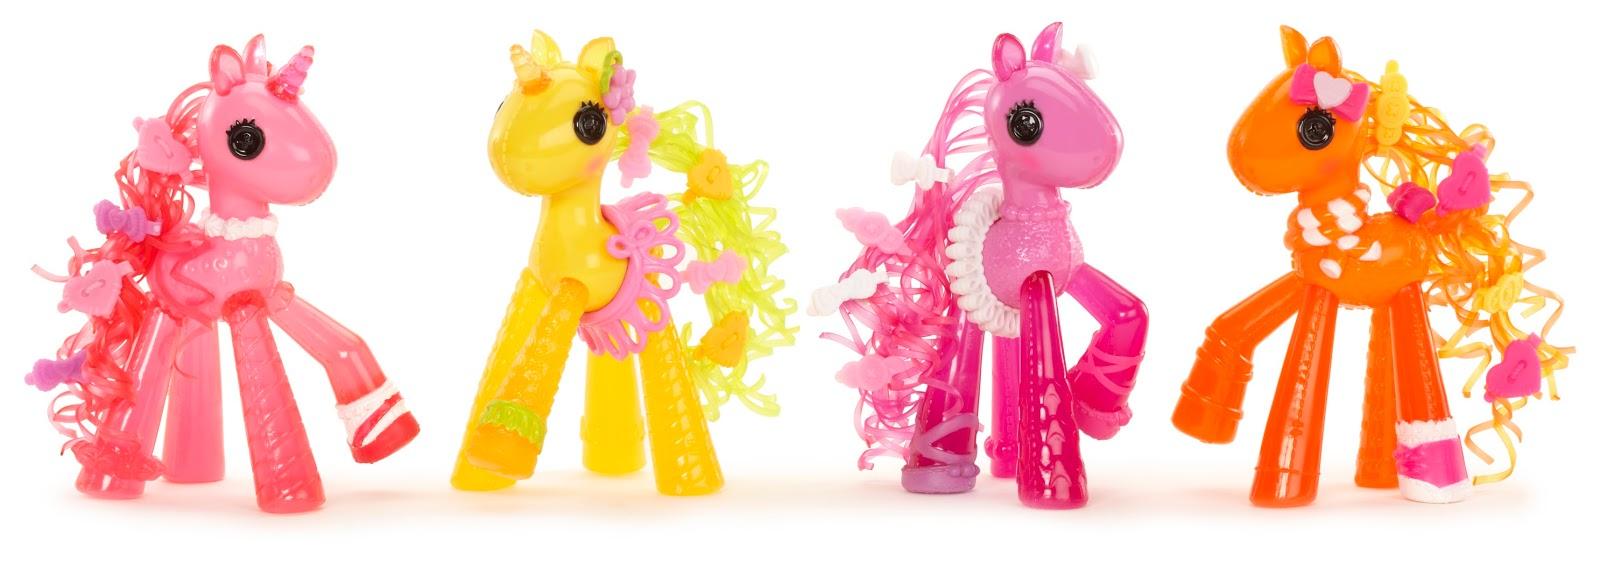 Lalaloopsy Ponies